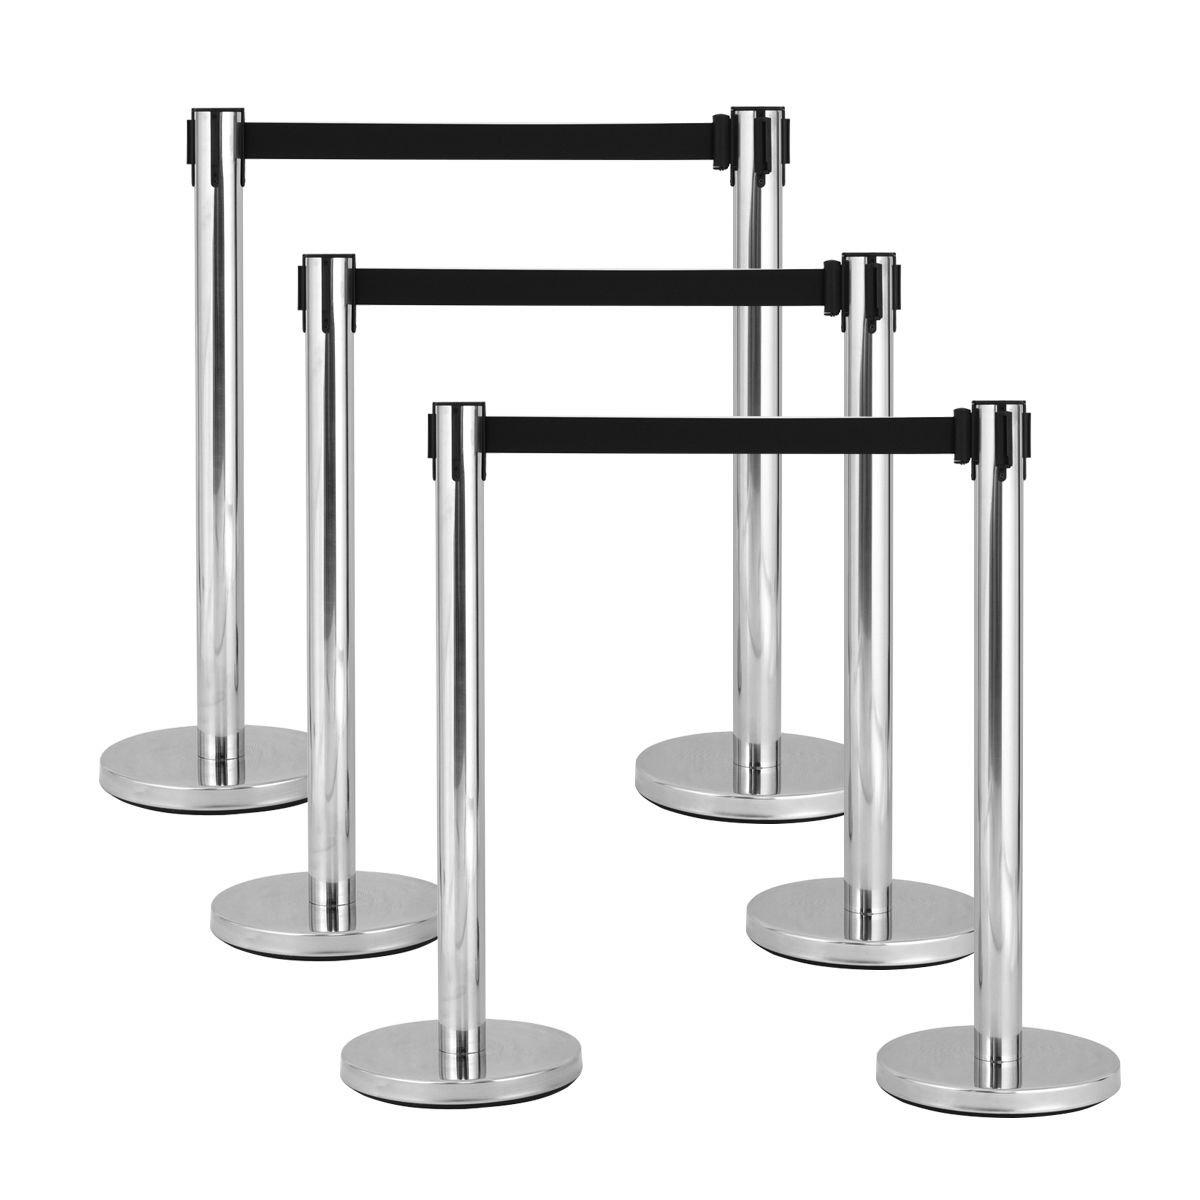 Goplus 6Pcs Stanchion Set w/ Black Retractable Belt Posts Queue Pole Crowd Control Barrier